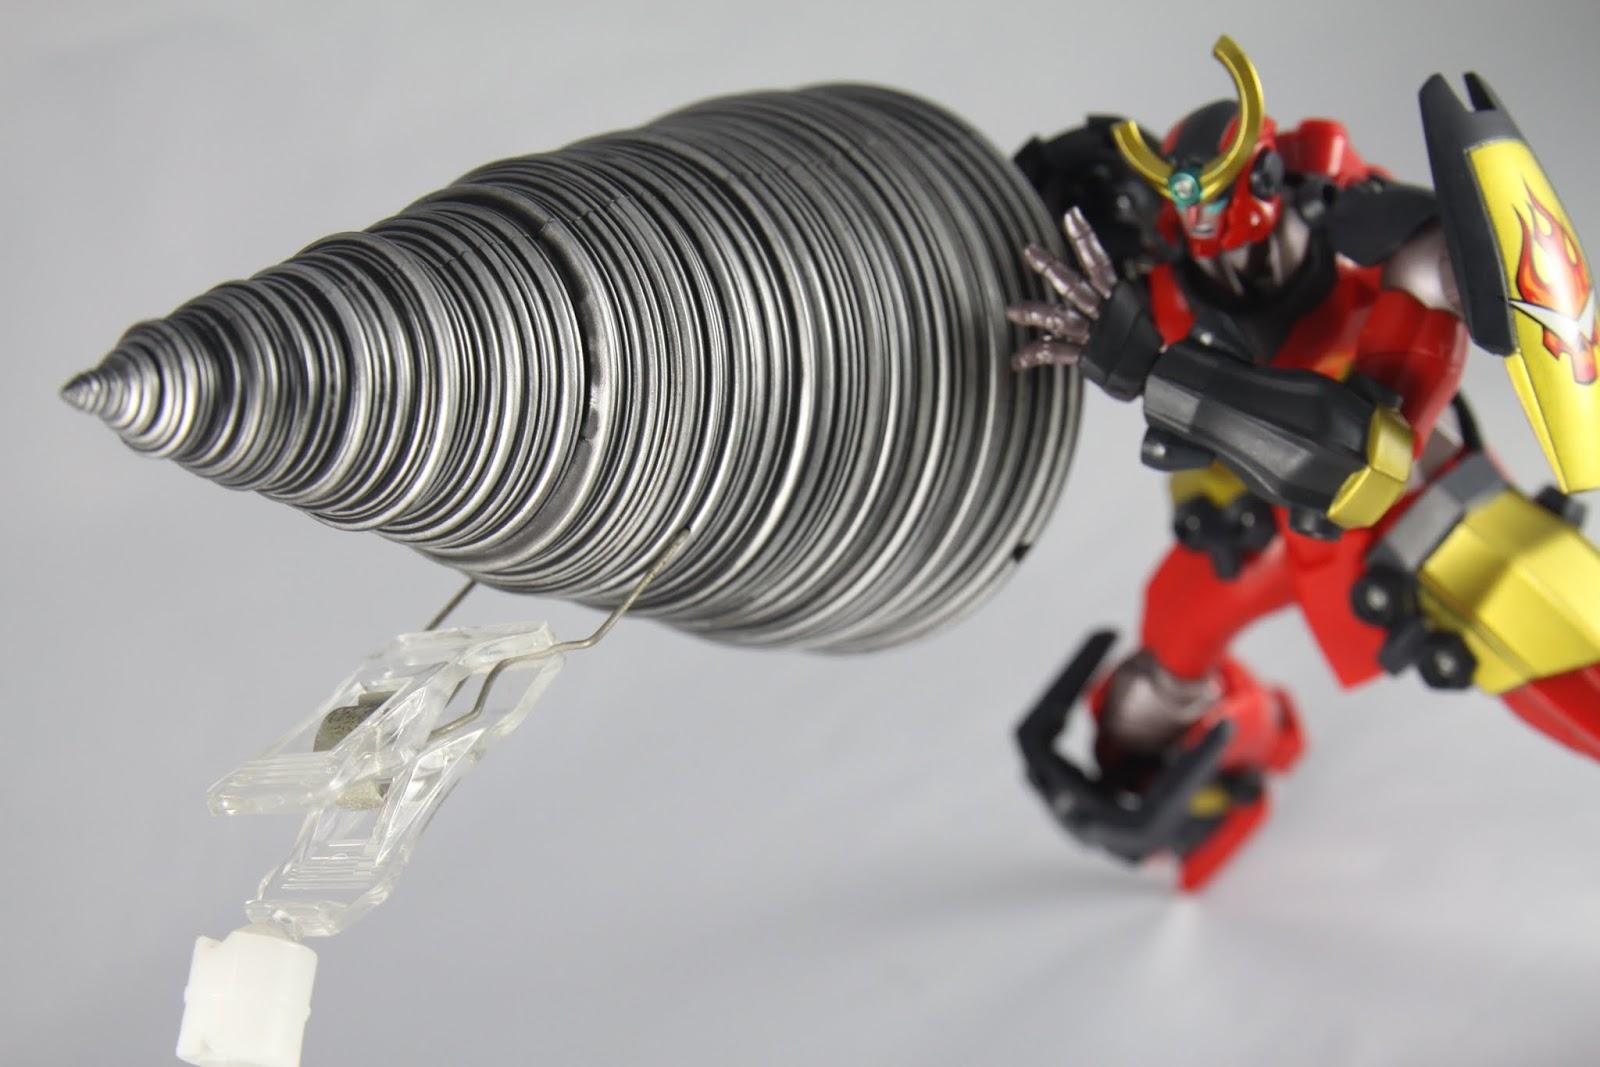 然後就會看到敵人灰飛煙滅了~ 鑽頭真的很重 即便關節結構跟以前比已經有進步了 但是真的還是太重了